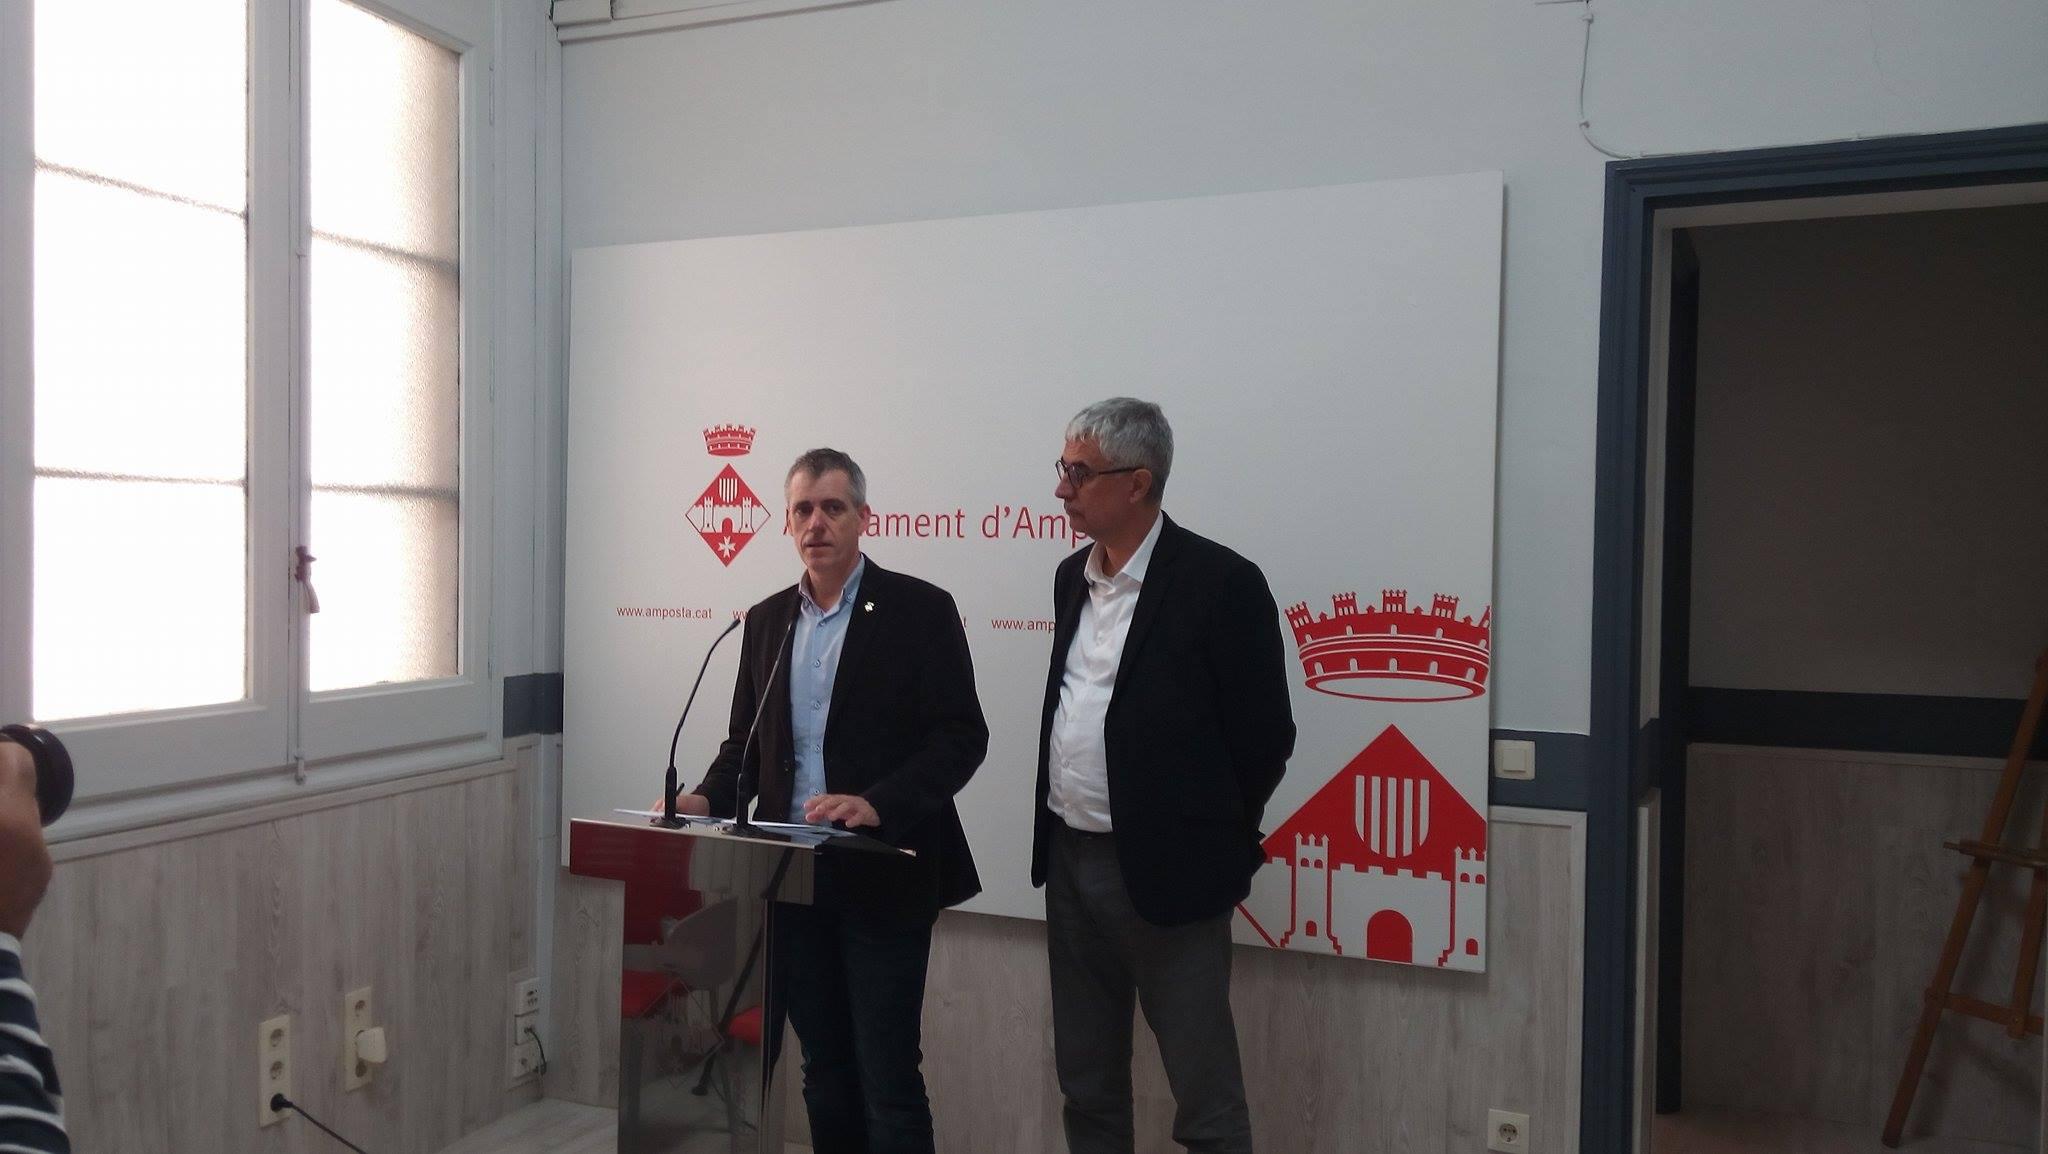 Ajuntament d´Amposta > Comunicació > L'Ajuntament d'Amposta incorpora crèdits extraordinaris de 5,5 milions d'euros per a diferents inversions